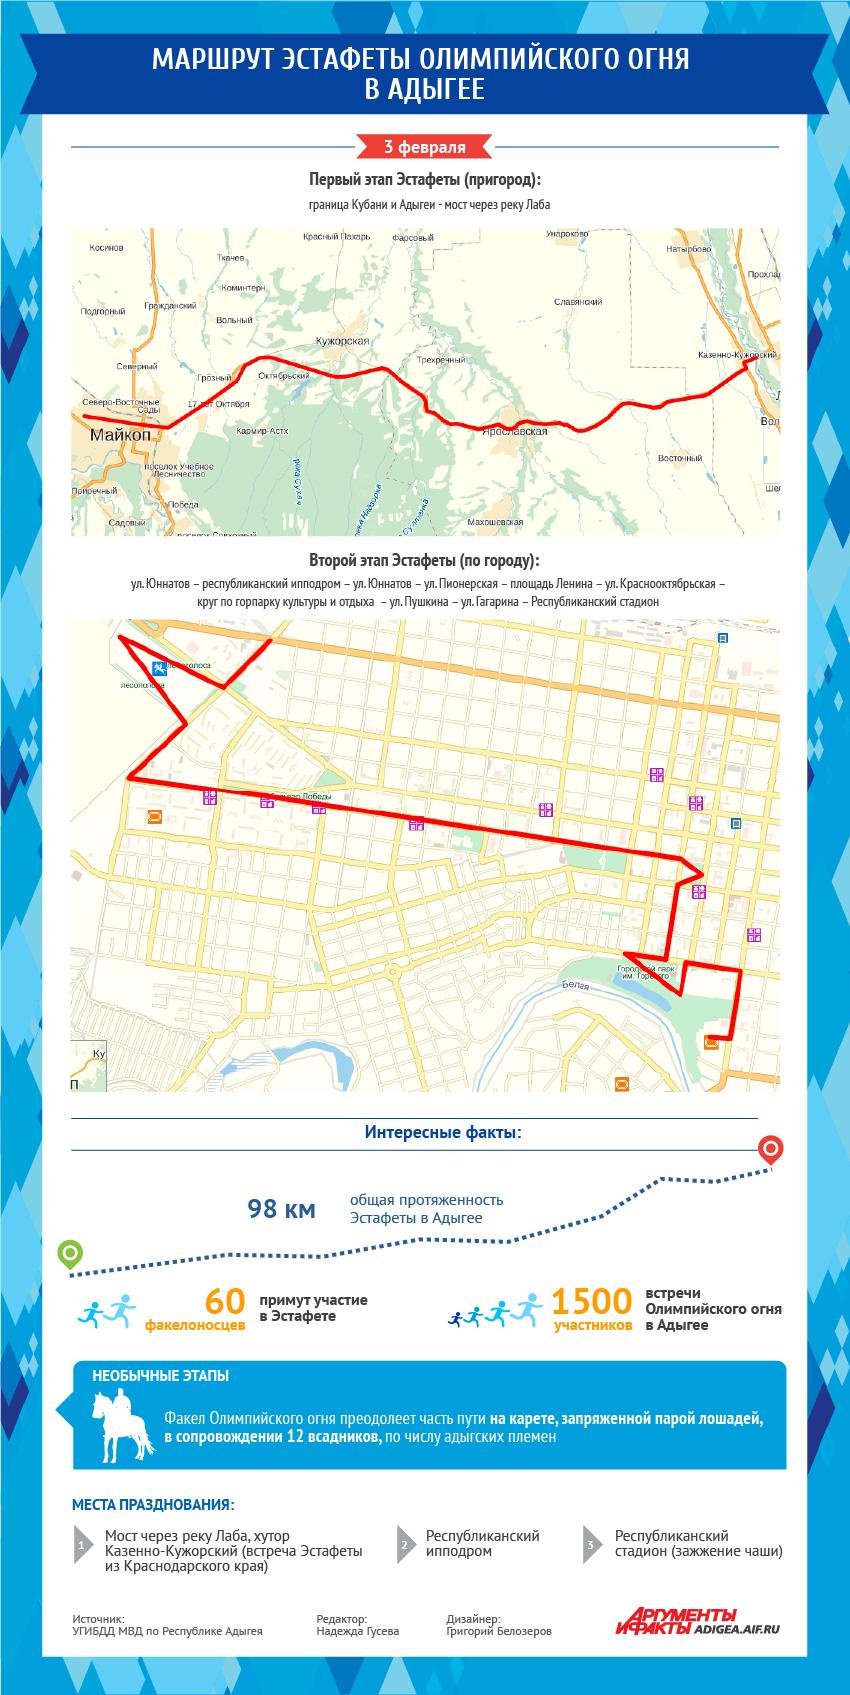 Маршрут эстафеты Олимпийского огня в Адыгее. Инфографика